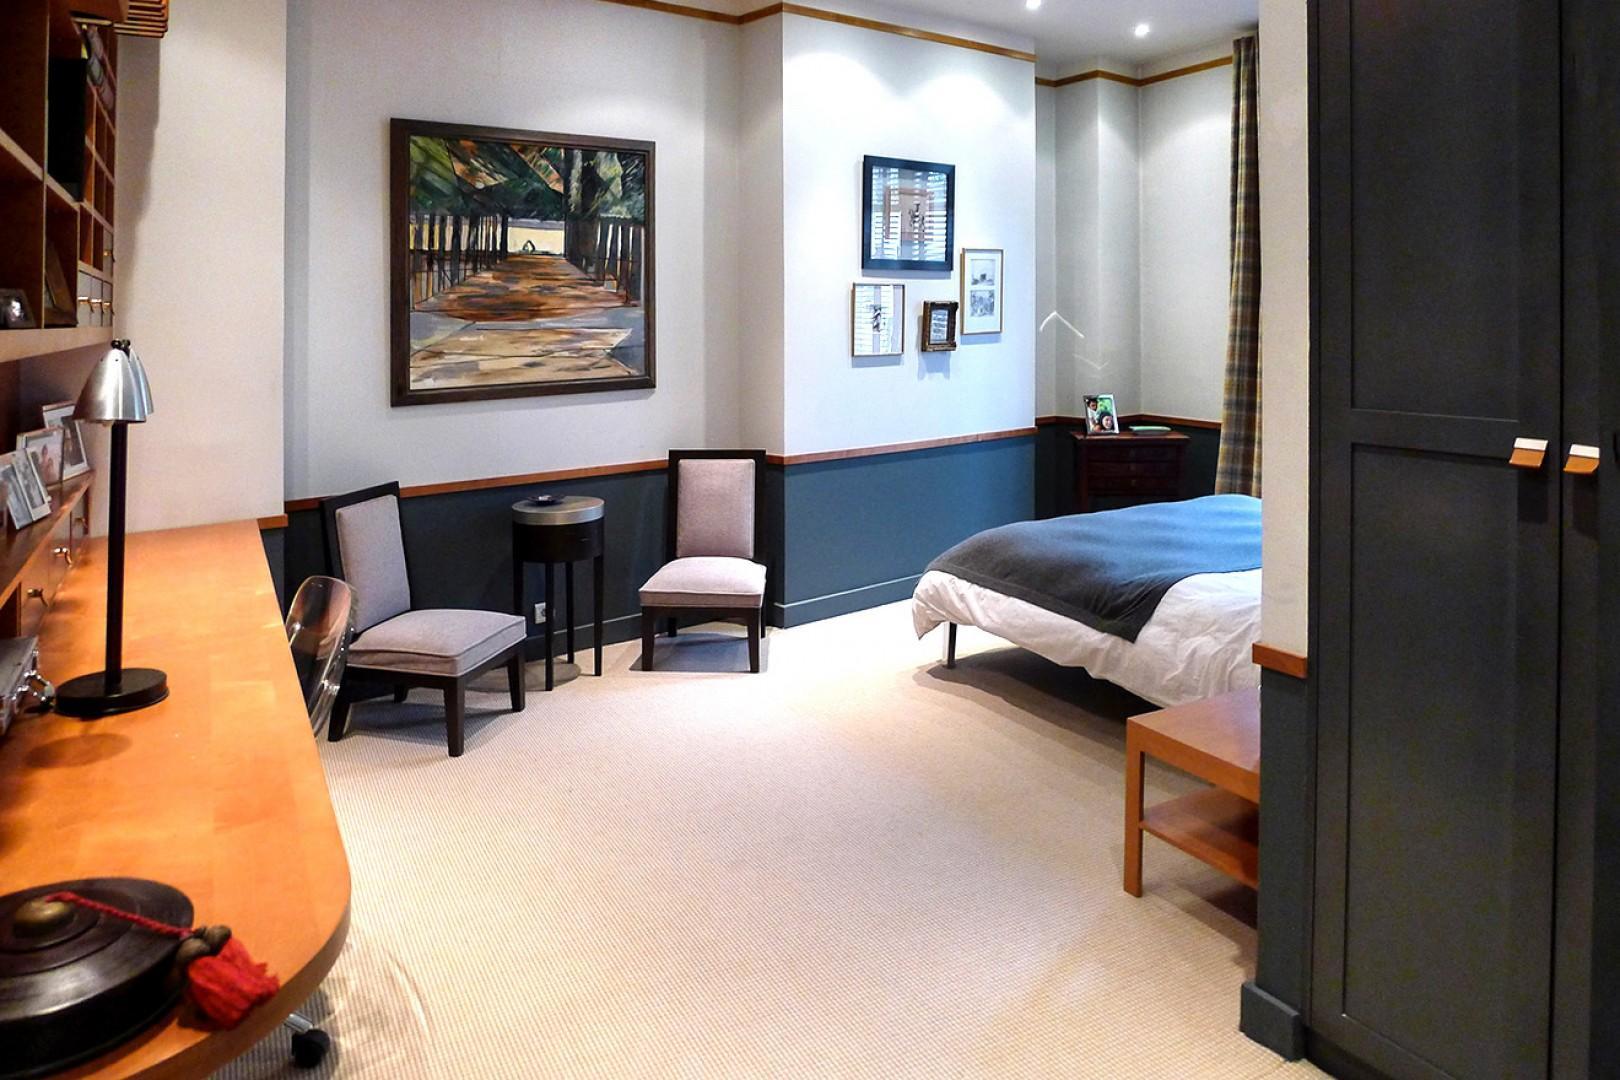 Bedroom 3 has a comfortable bed and en suite bathroom.